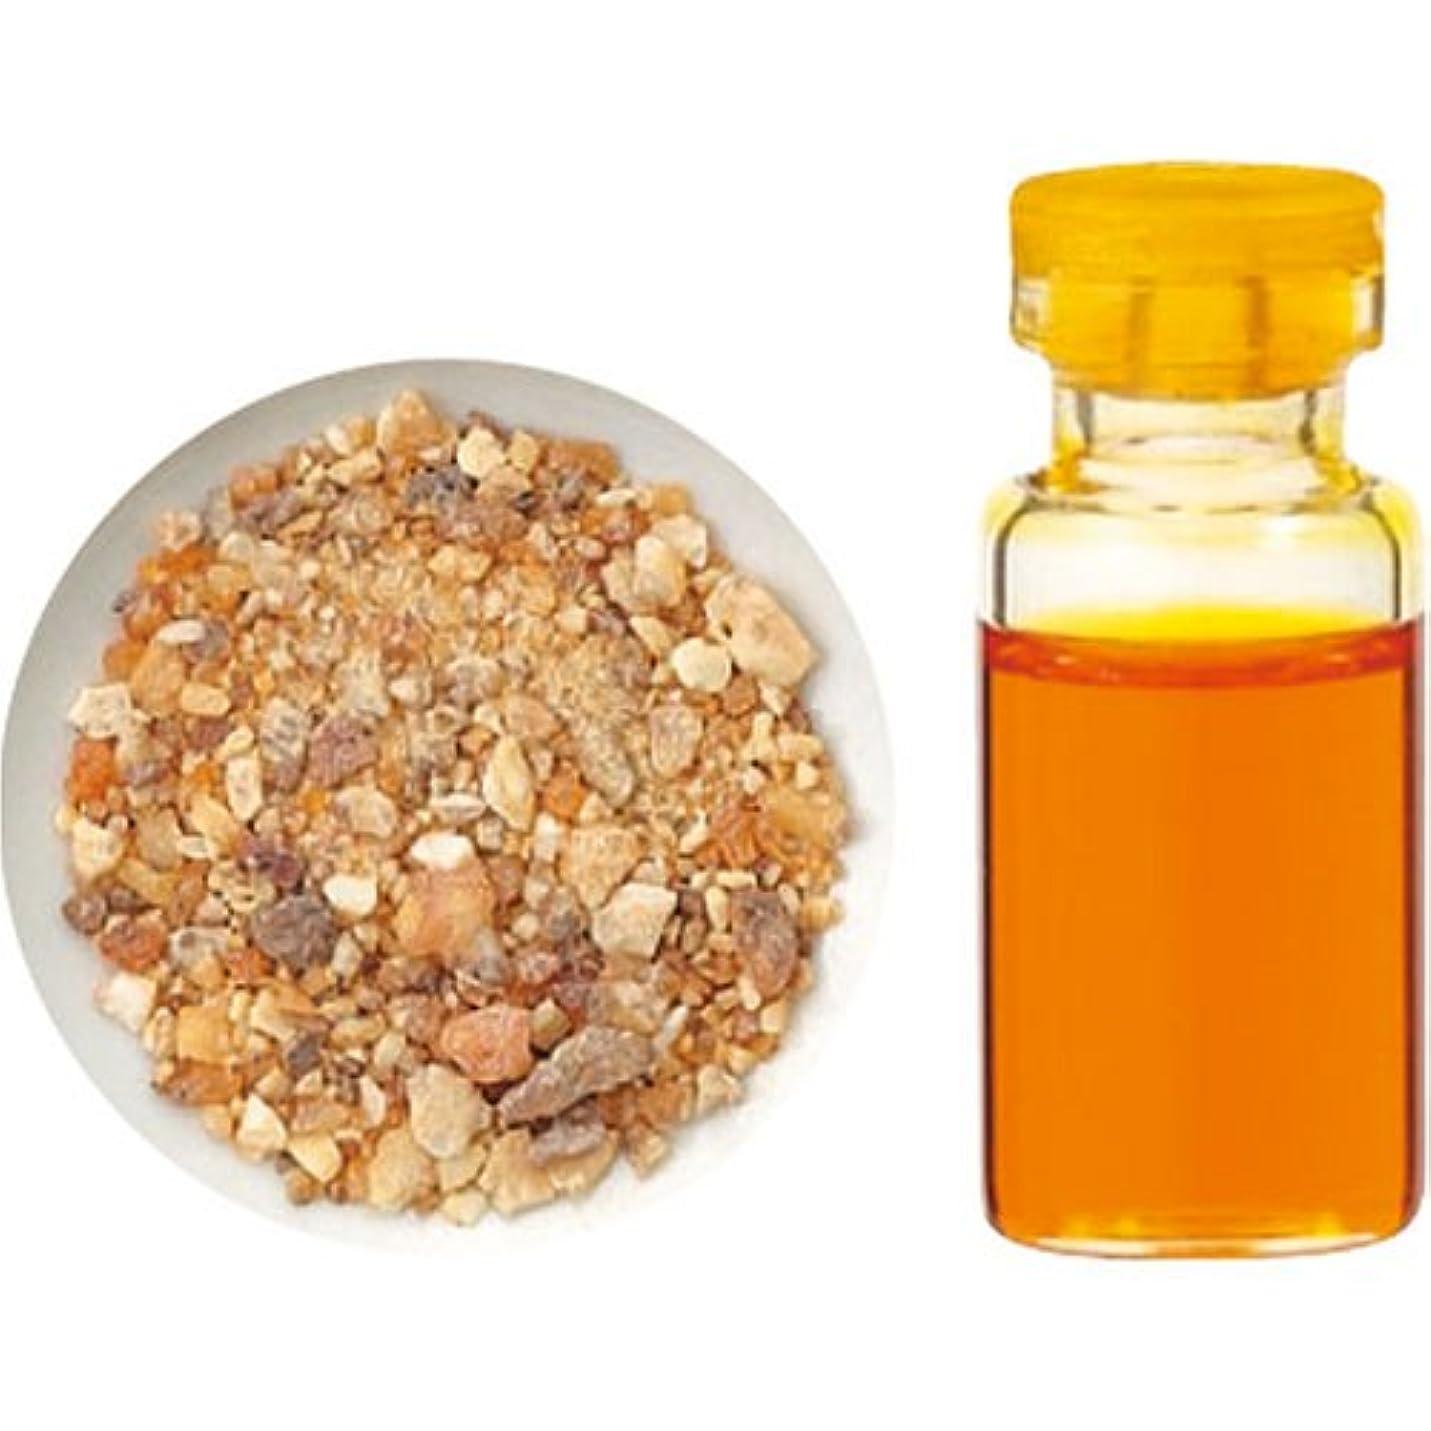 質素な祈り液体生活の木 C ベンゾイン 25% エッセンシャルオイル 10ml